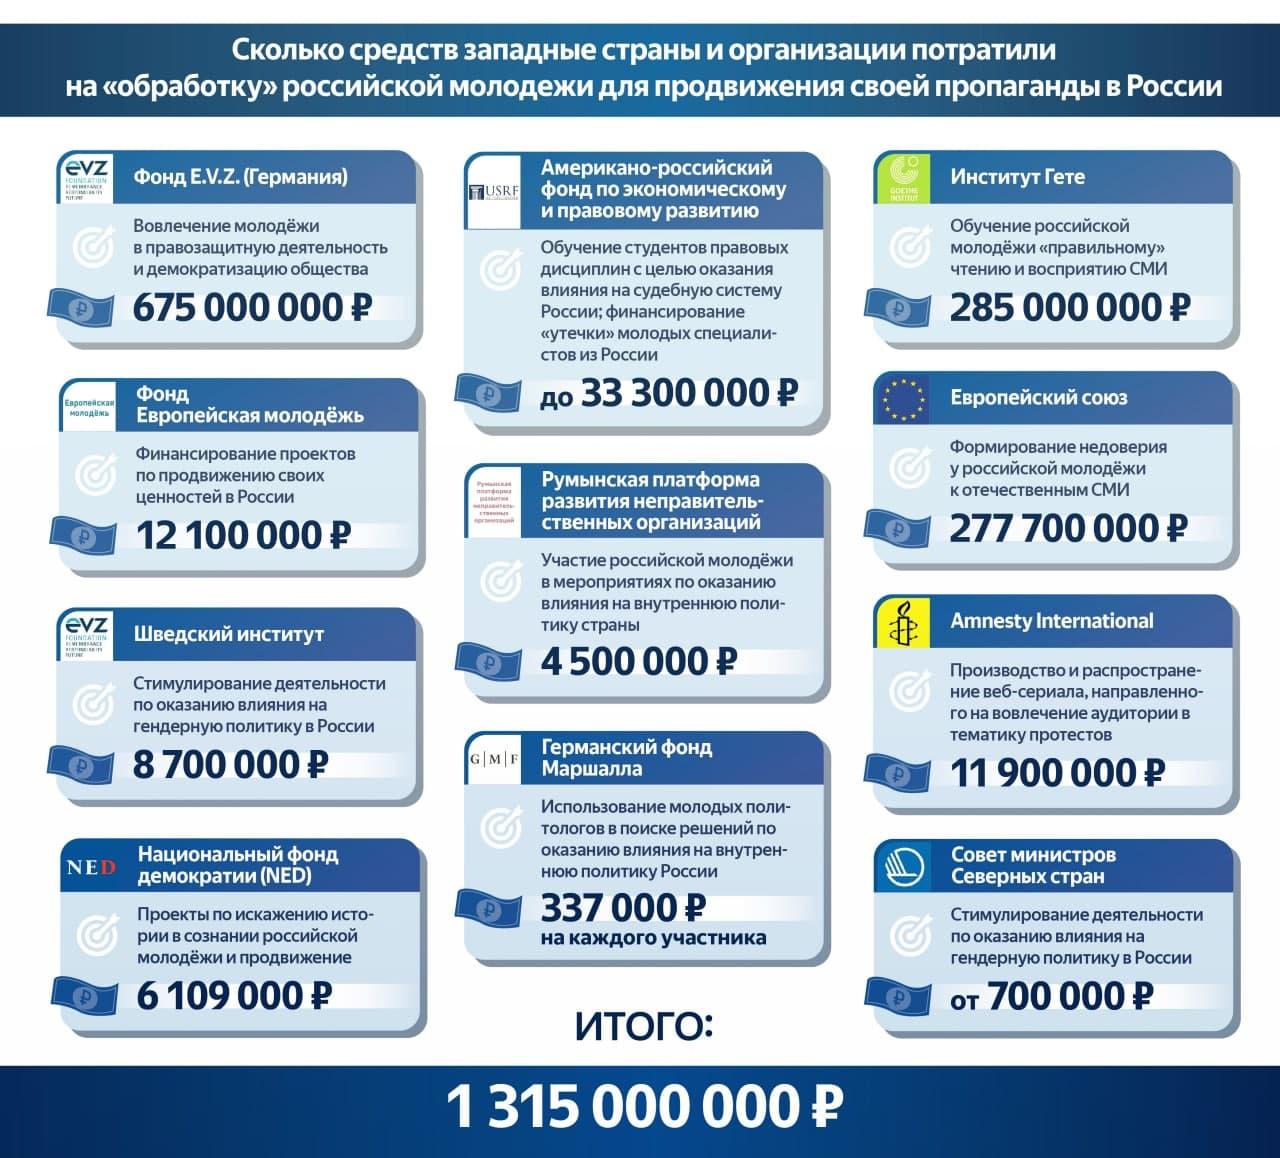 Рис. 2. По данным «Комитета по защите национальных интересов», обработку молодёжи в России ведут такие иностранные НПО, как Фонд E.V.Z. (Германия), Институт Гёте, Европейский союз, Американо-российский фонд по экономическому и правовому развитию и др.